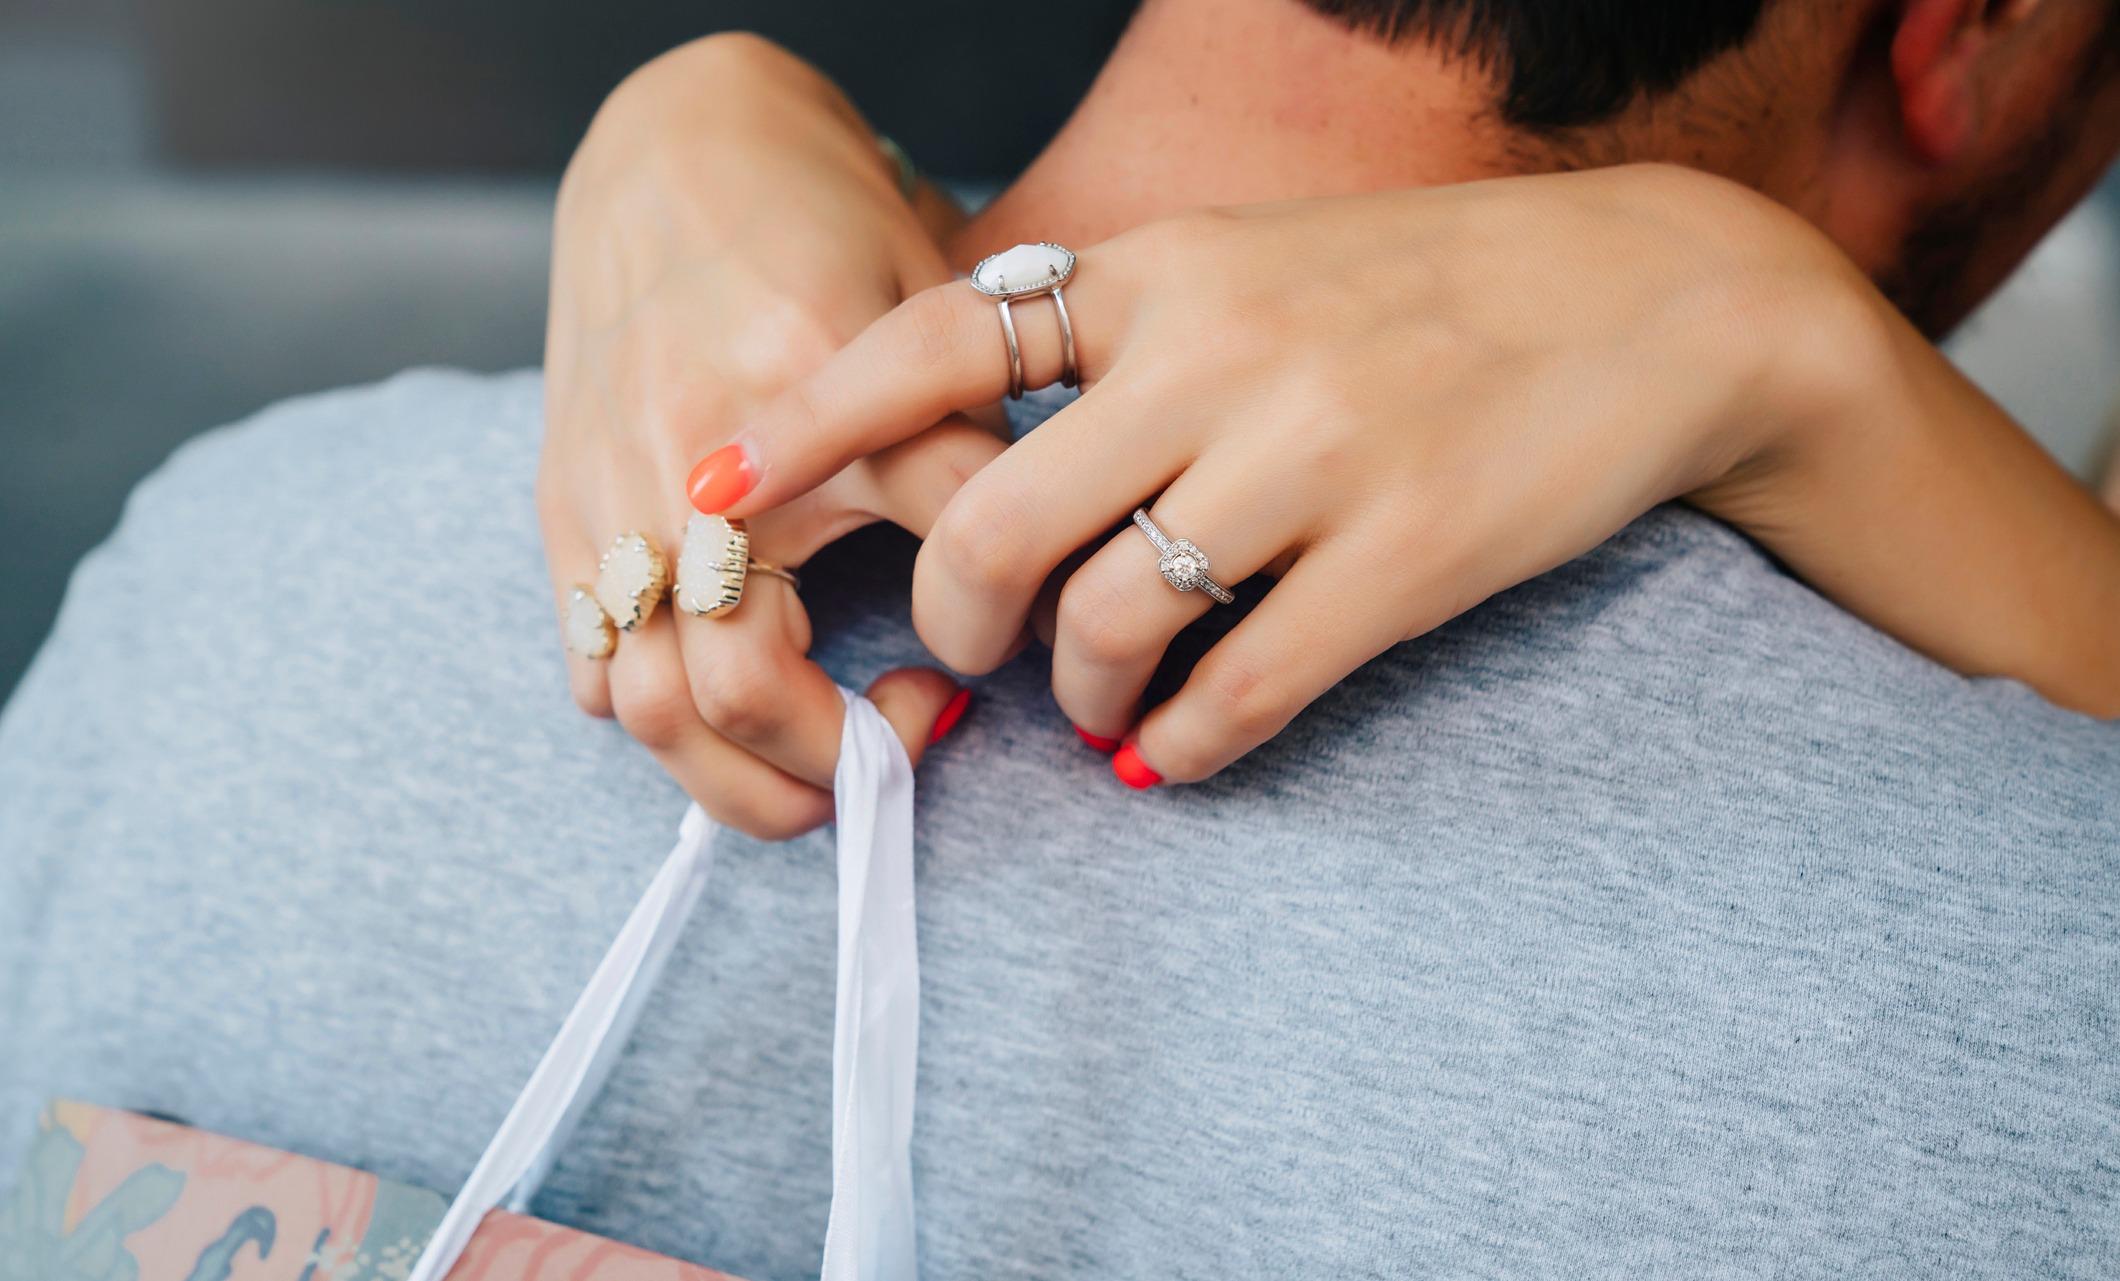 «Я в панике»: что делать, если потеряла обручальное кольцо